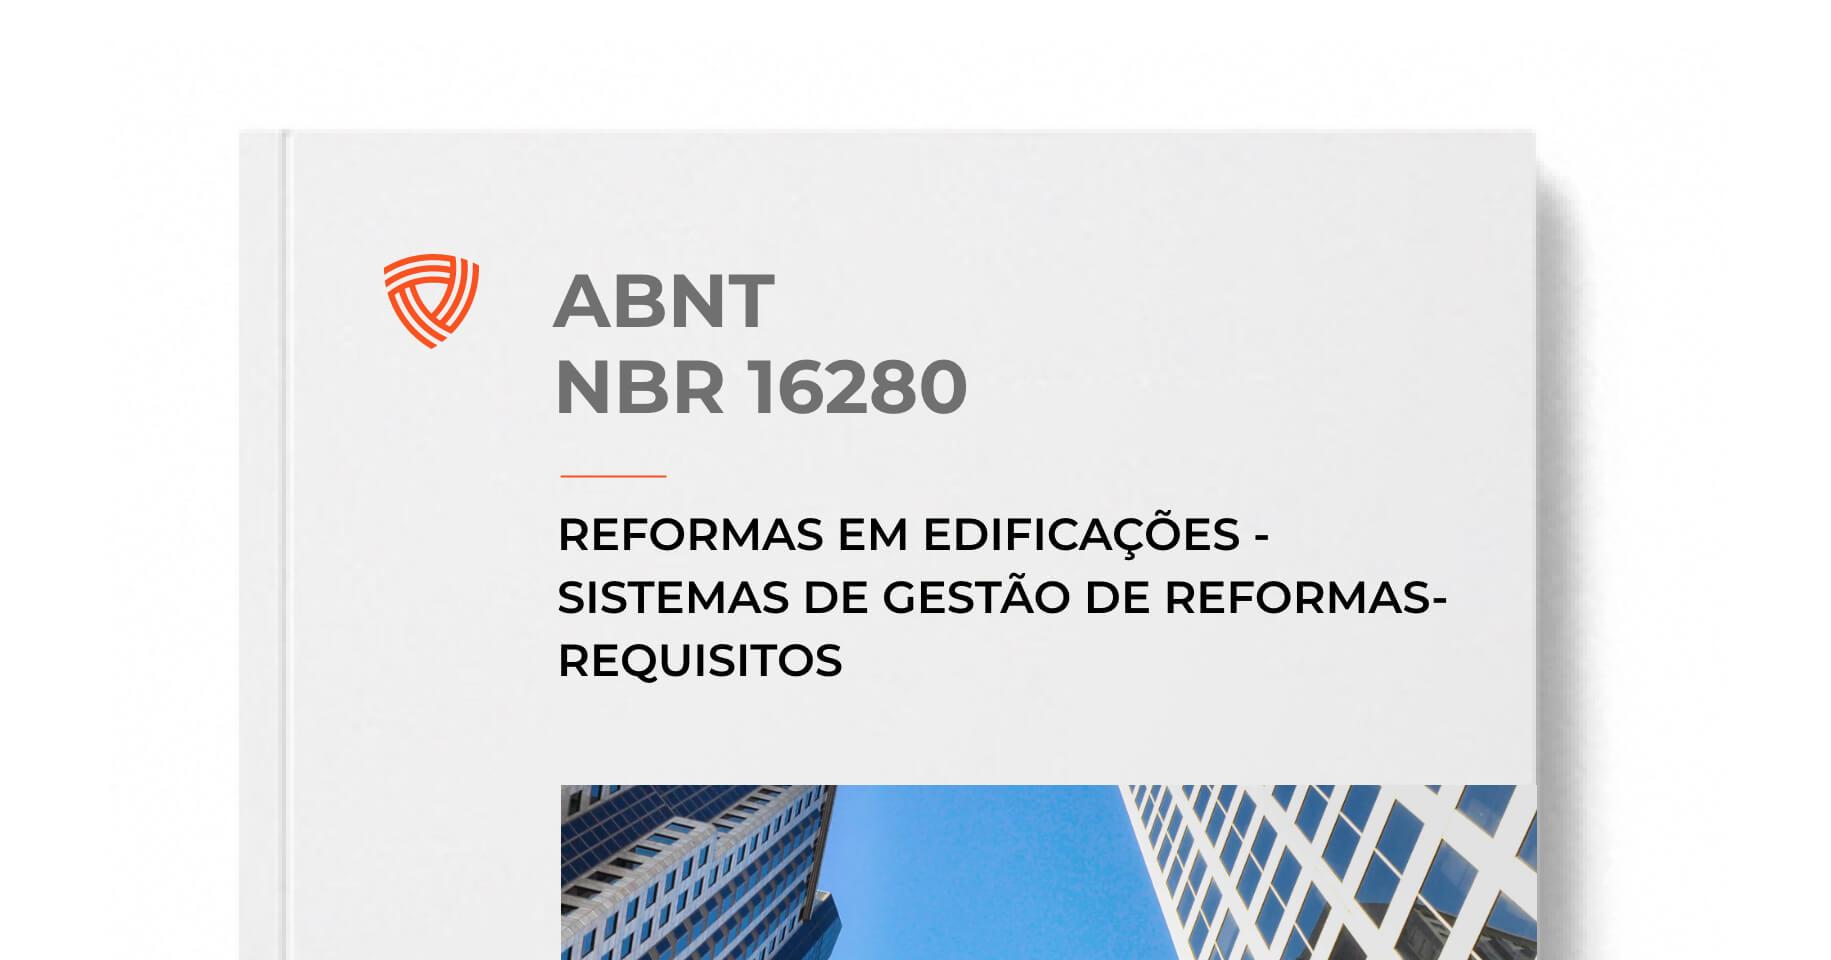 ABNT NBR 16280 - Reformas em Edificações - Sistemas de Gestão de Reformas - Requisitos